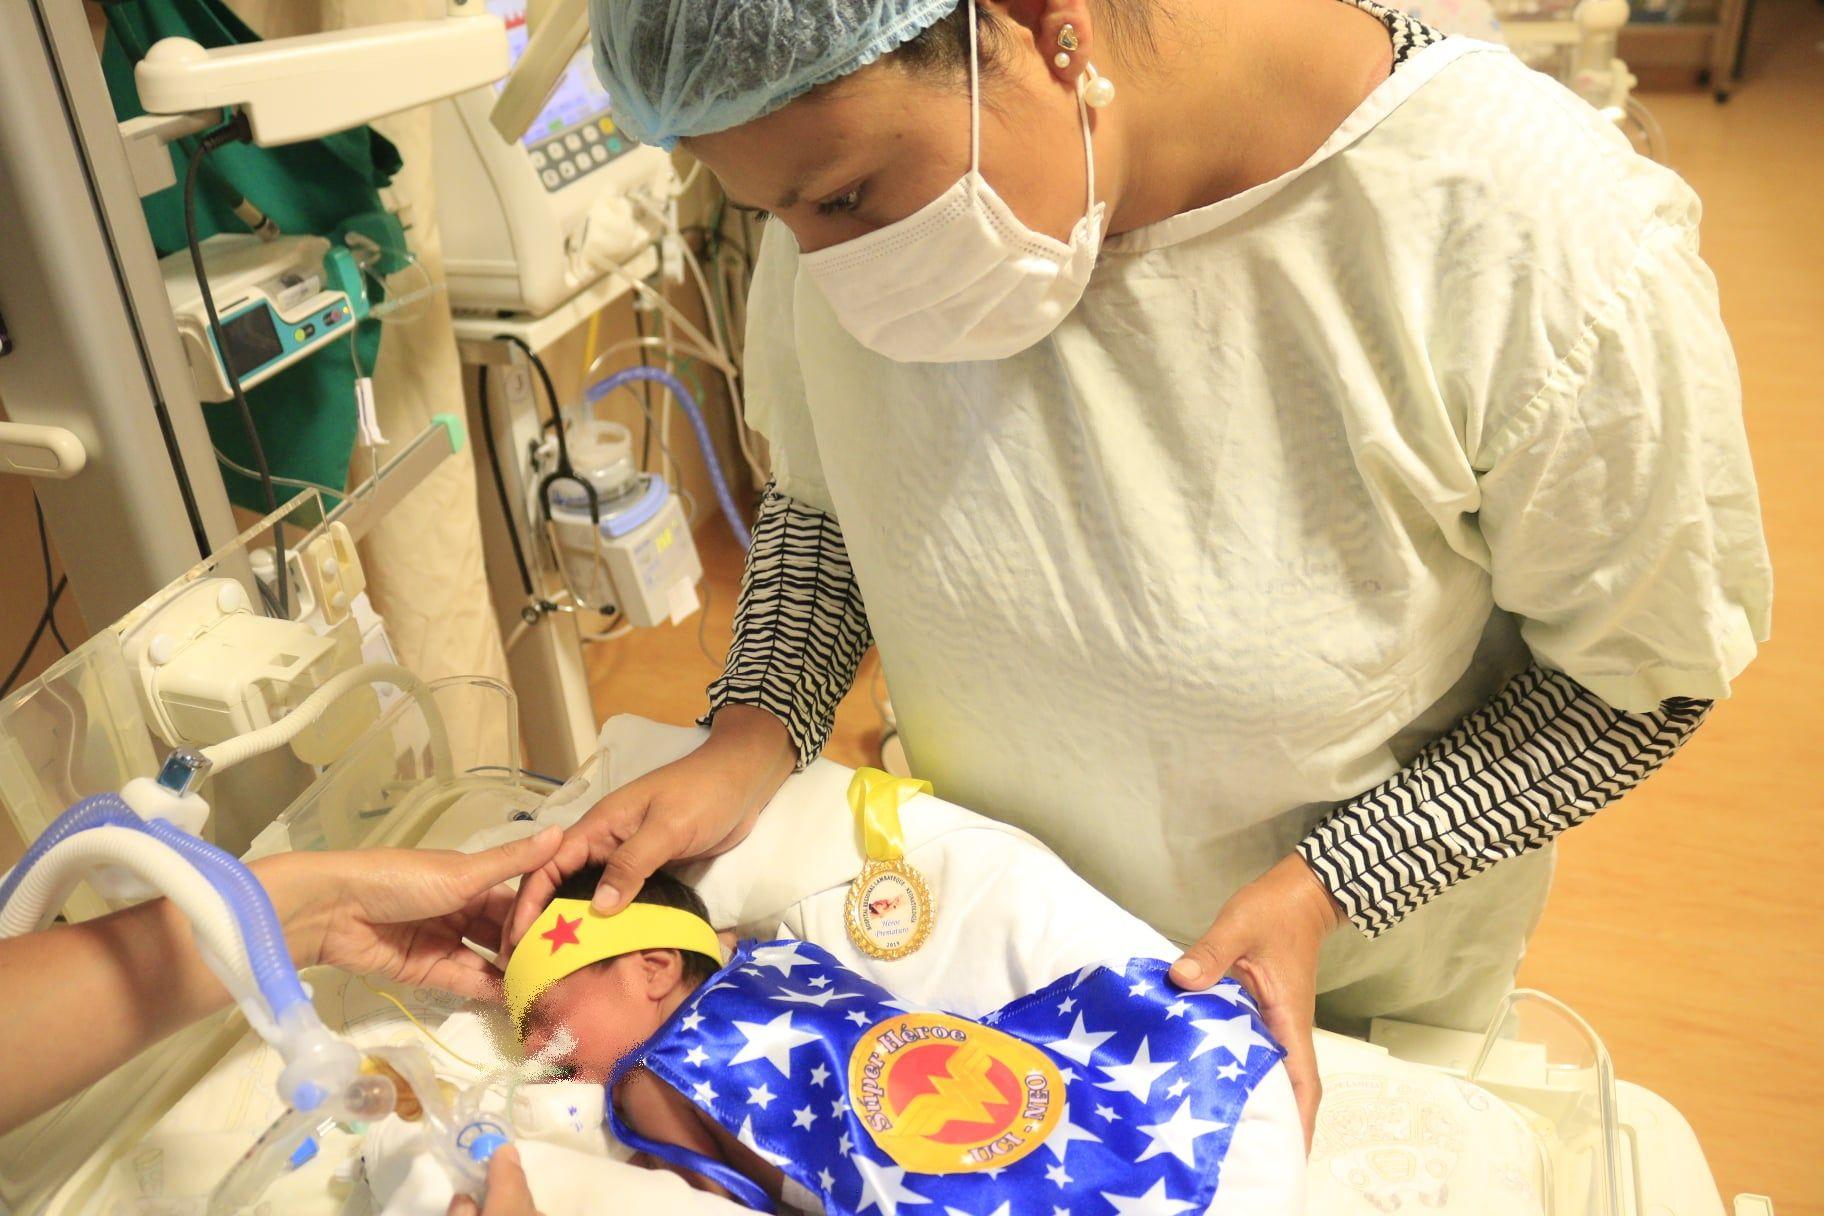 ¡Súper bebés! Personal del Hospital Regional de Lambayeque celebra a niños prematuros vistiéndolos de superhéroes [FOTOS] - Diario Perú21